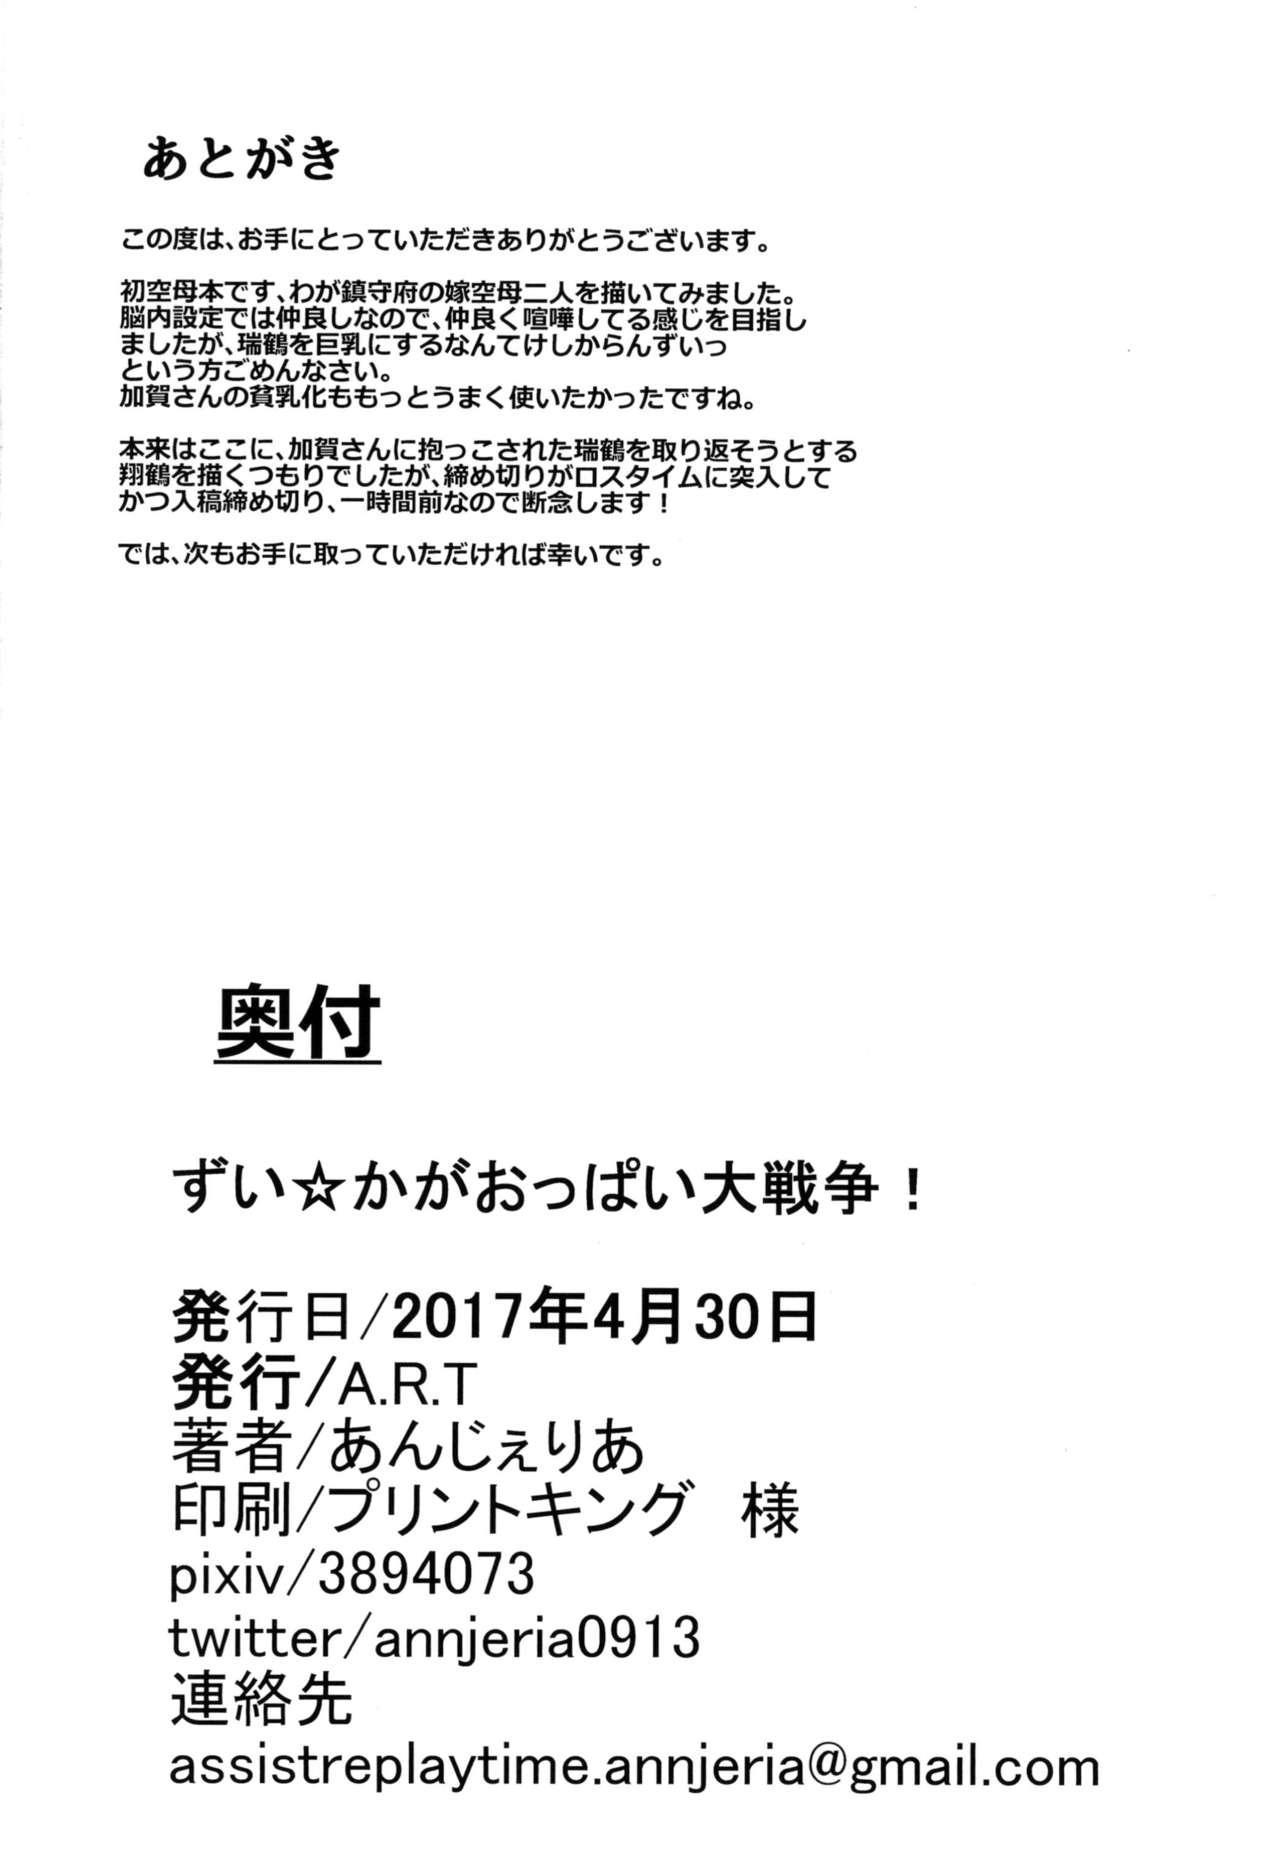 Zui ☆ Kaga Oppai Daisensou! 21